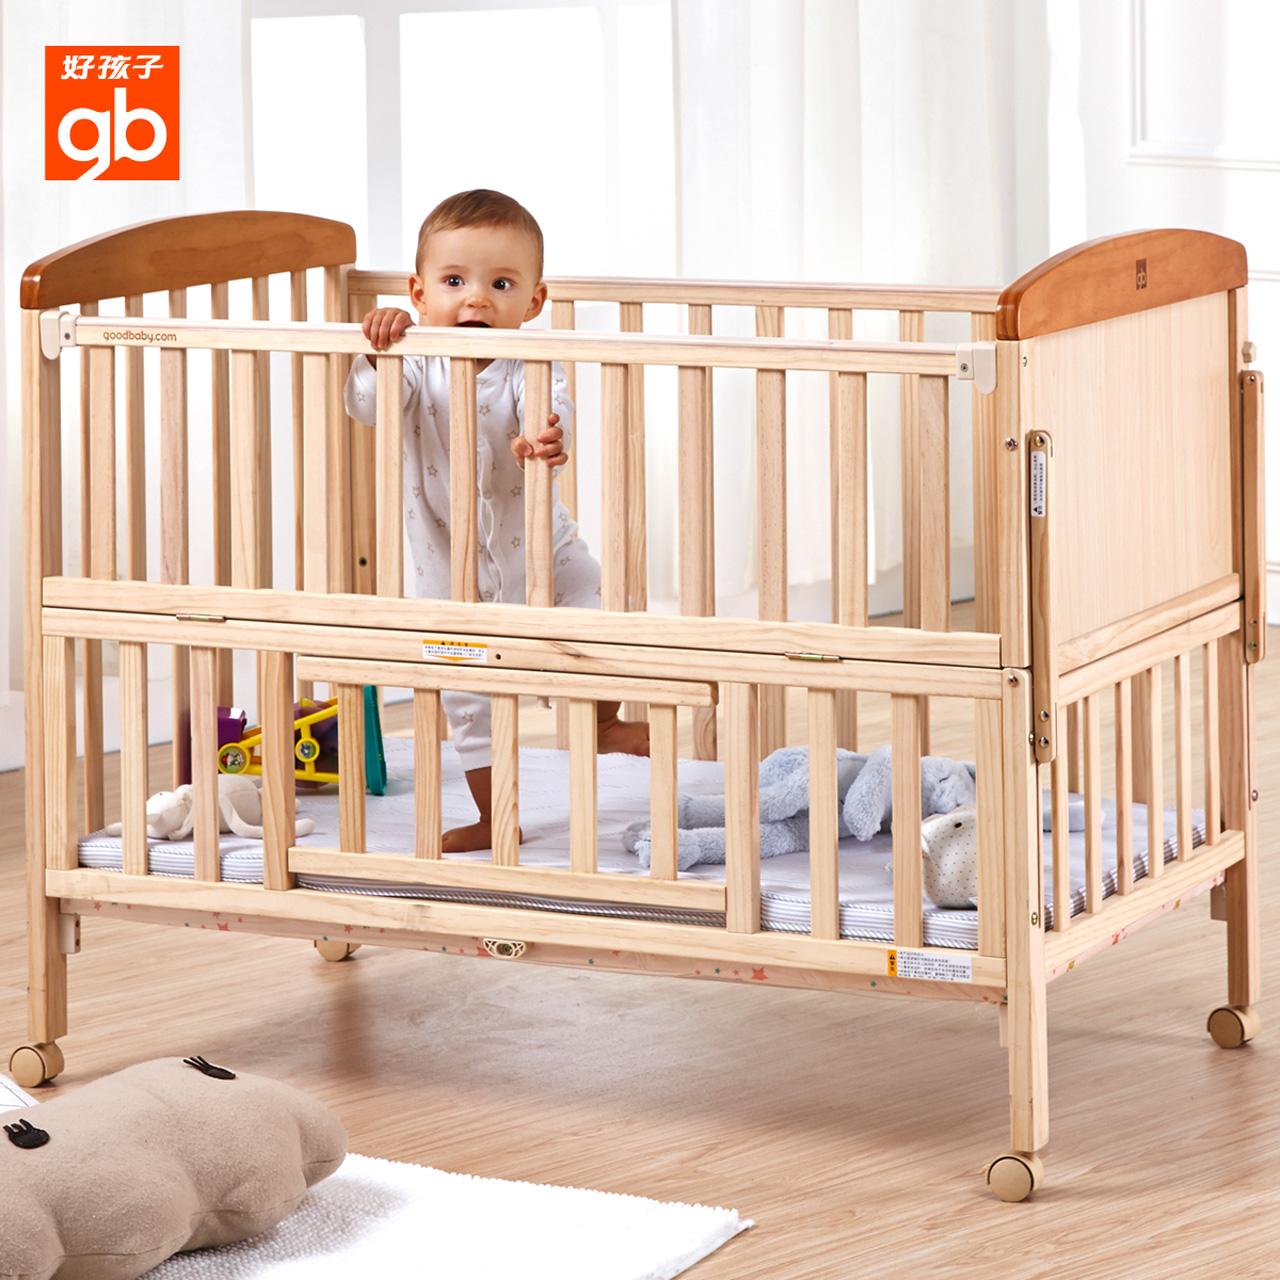 Gb хорошо дети кровать для младенца дерево без краски ребенок многофункциональный BB детская кроватка сосна колыбель кровать сетка от комаров MC283